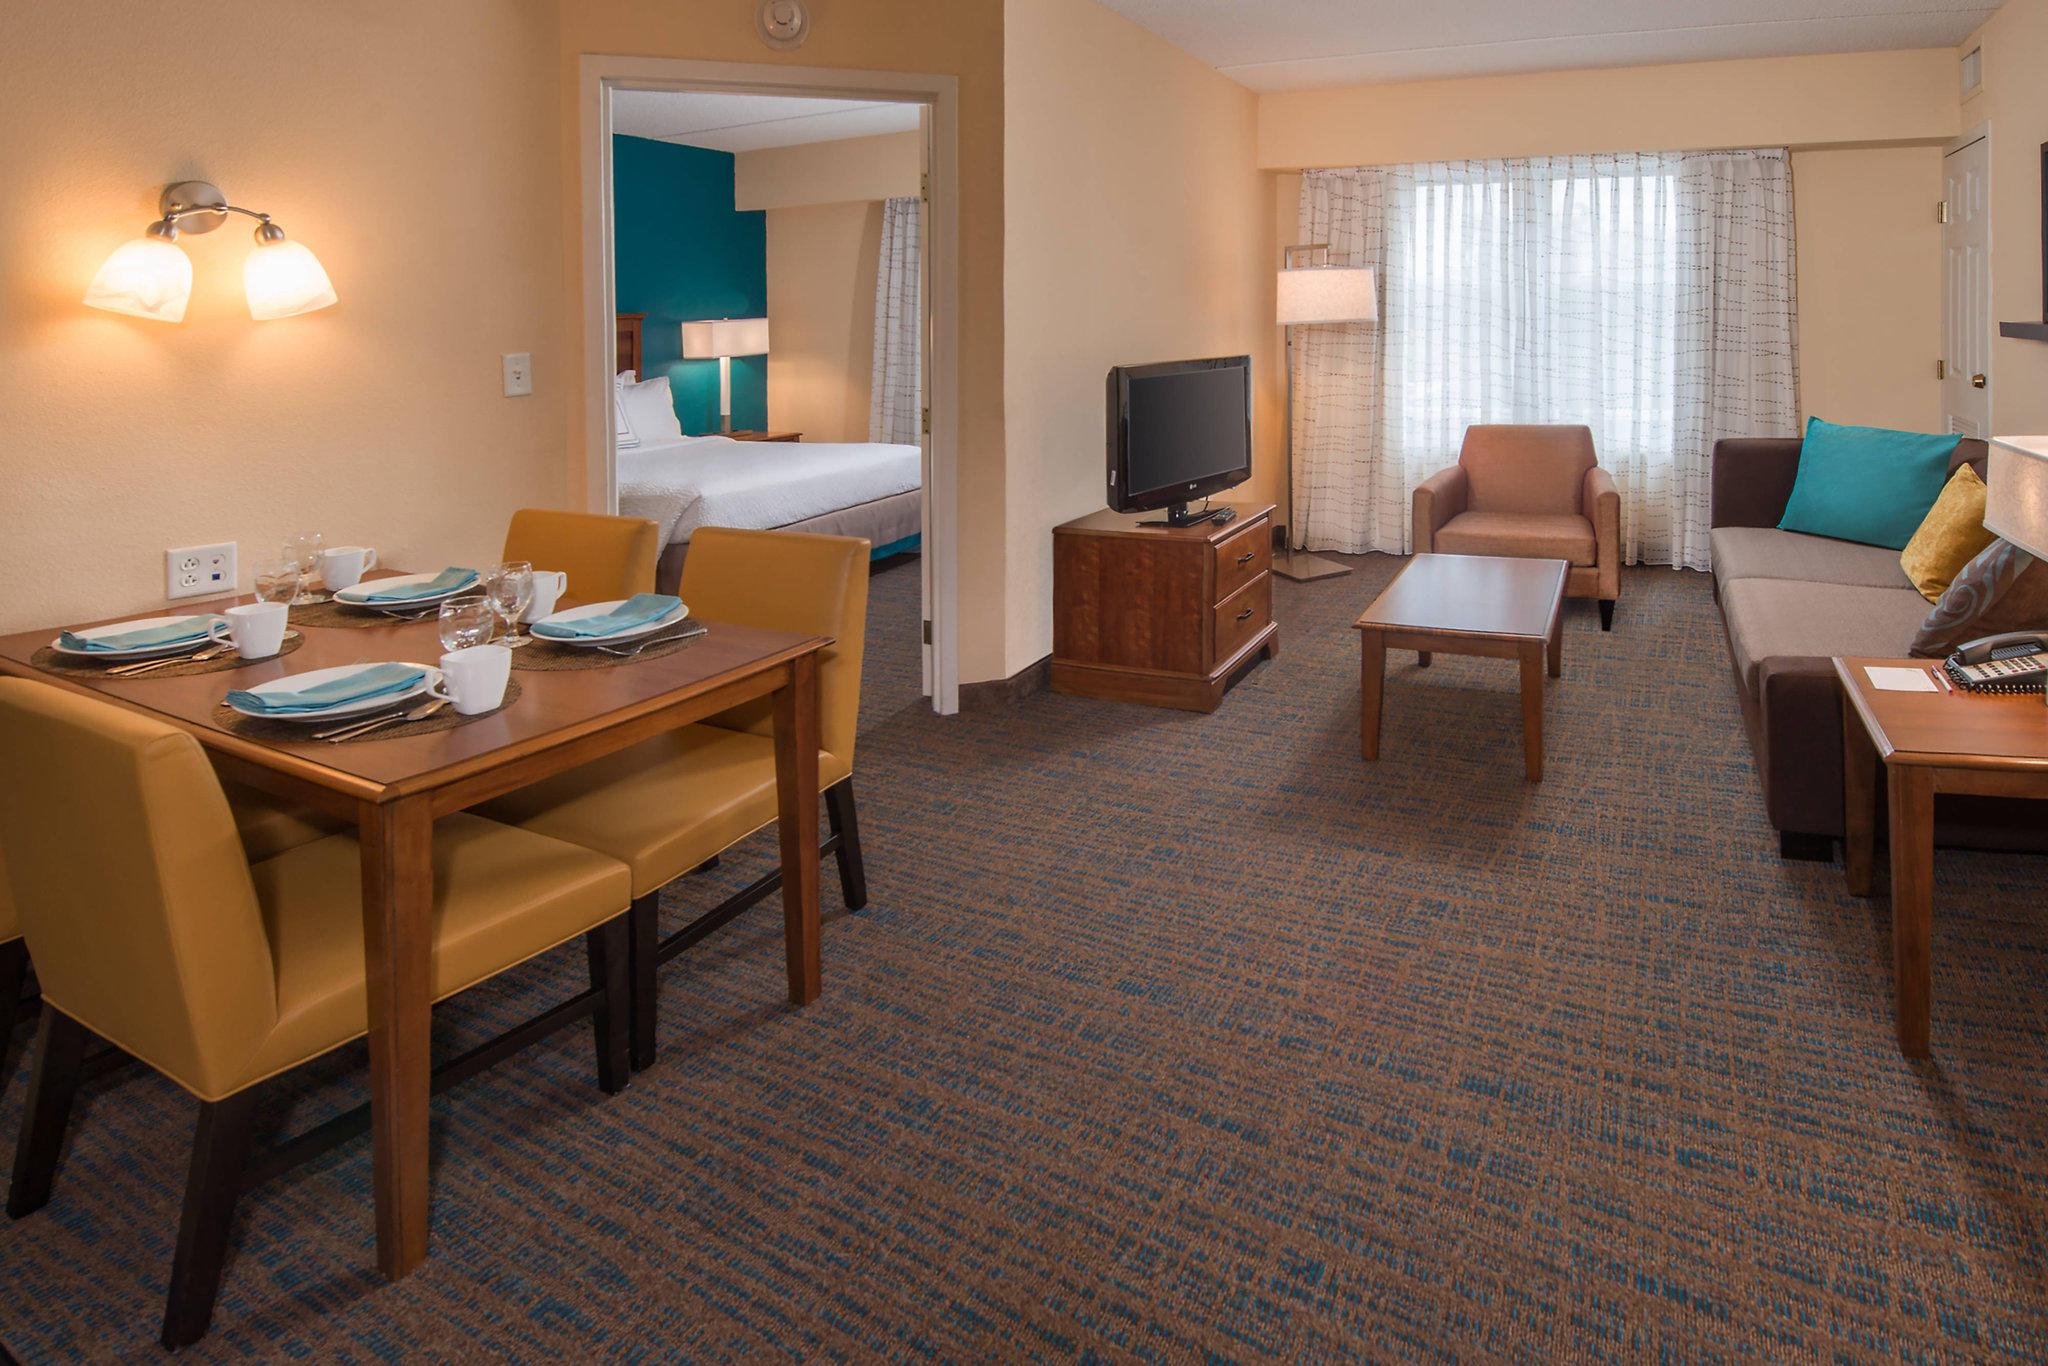 Residence Inn by Marriott Chesapeake Greenbrier